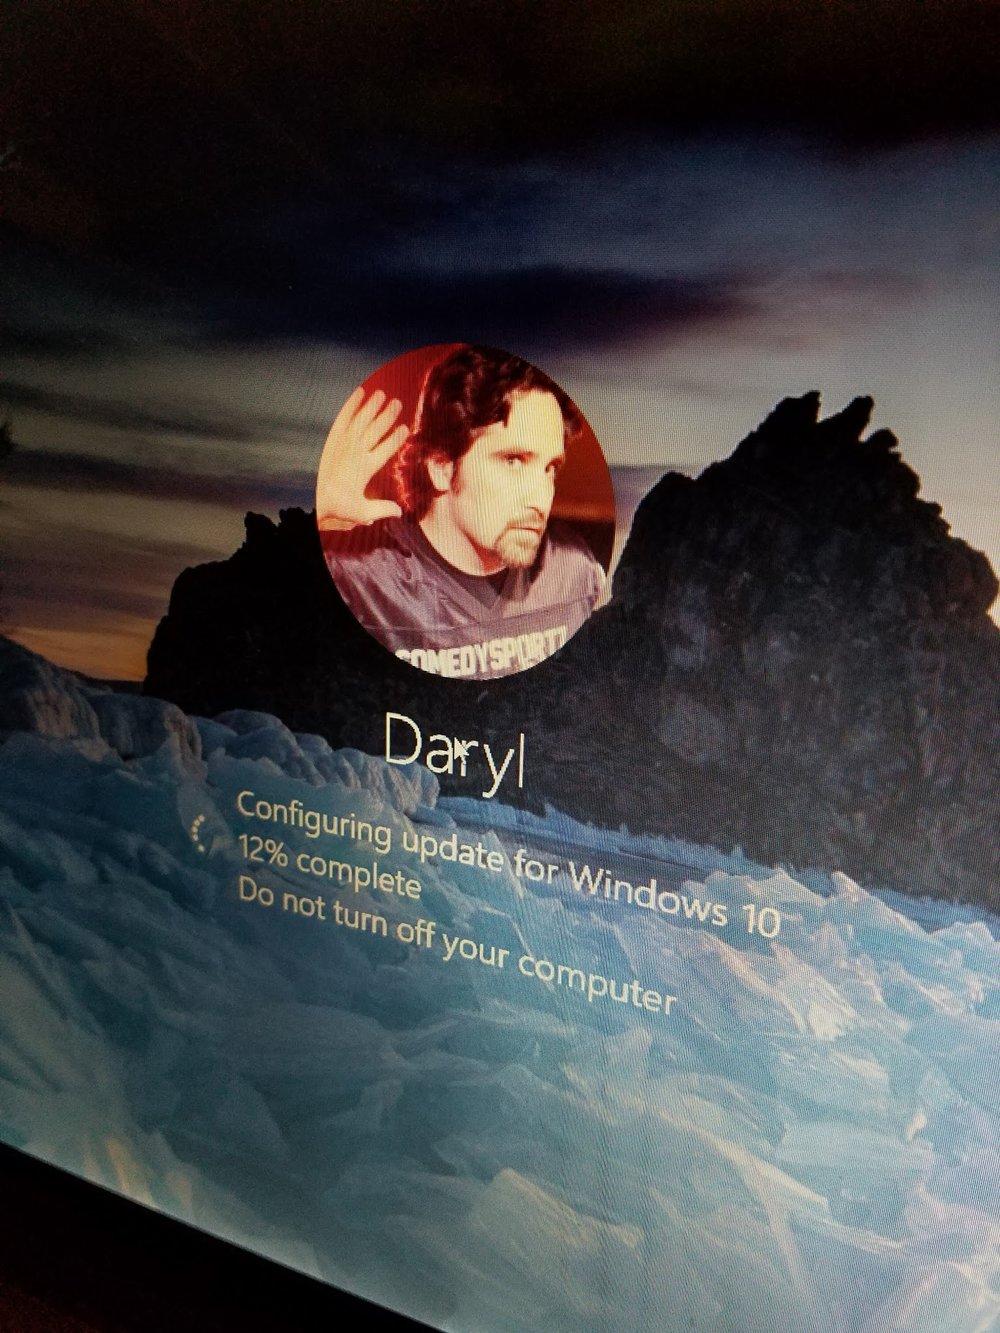 daryl-05-25-update.jpg